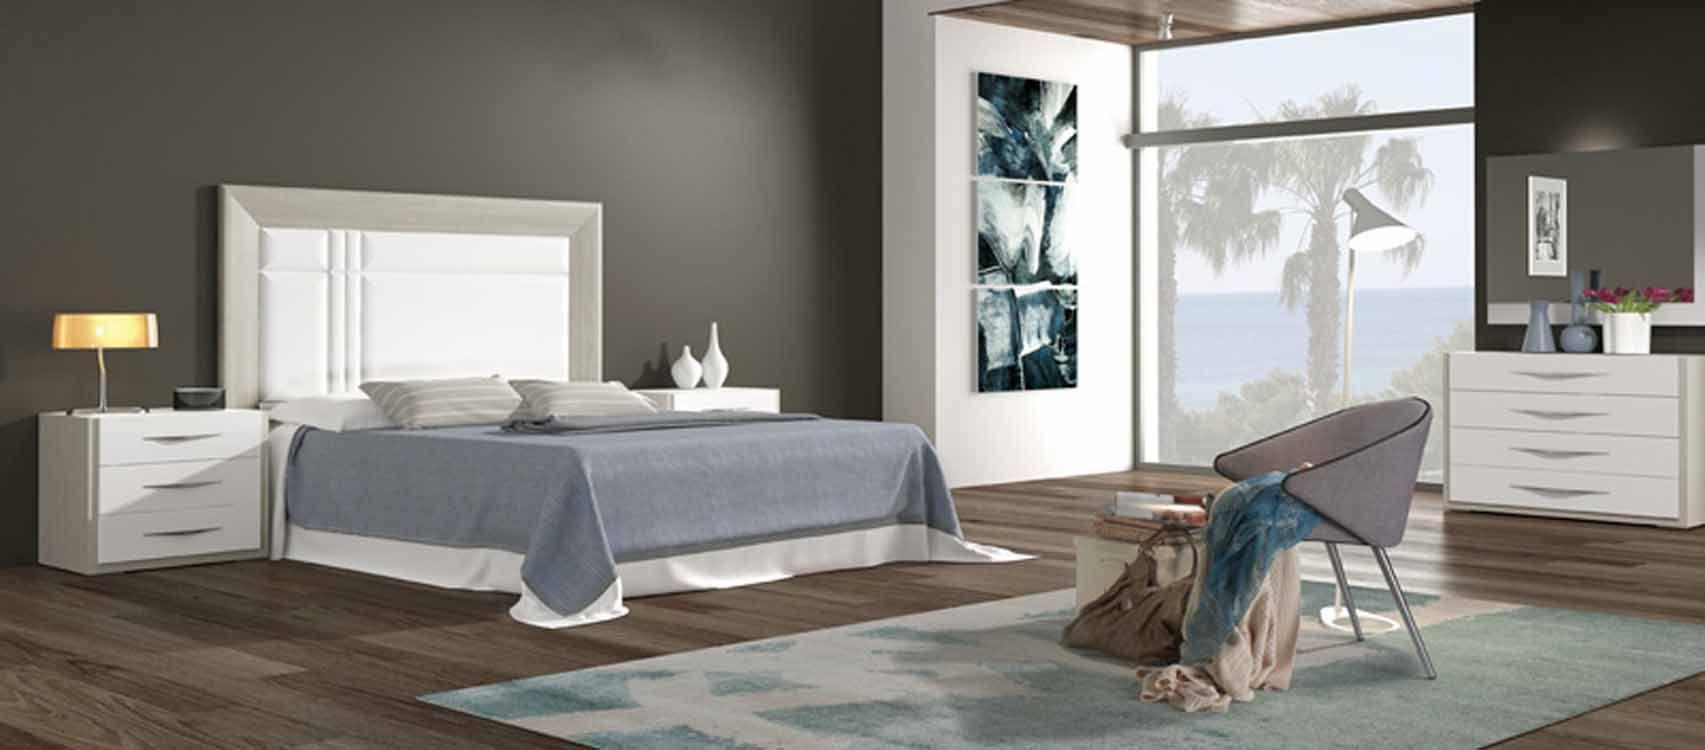 Modelos De Camas Modernas Double Bed Premium Mira Camas  # Tauron Muebles Mercadolibre